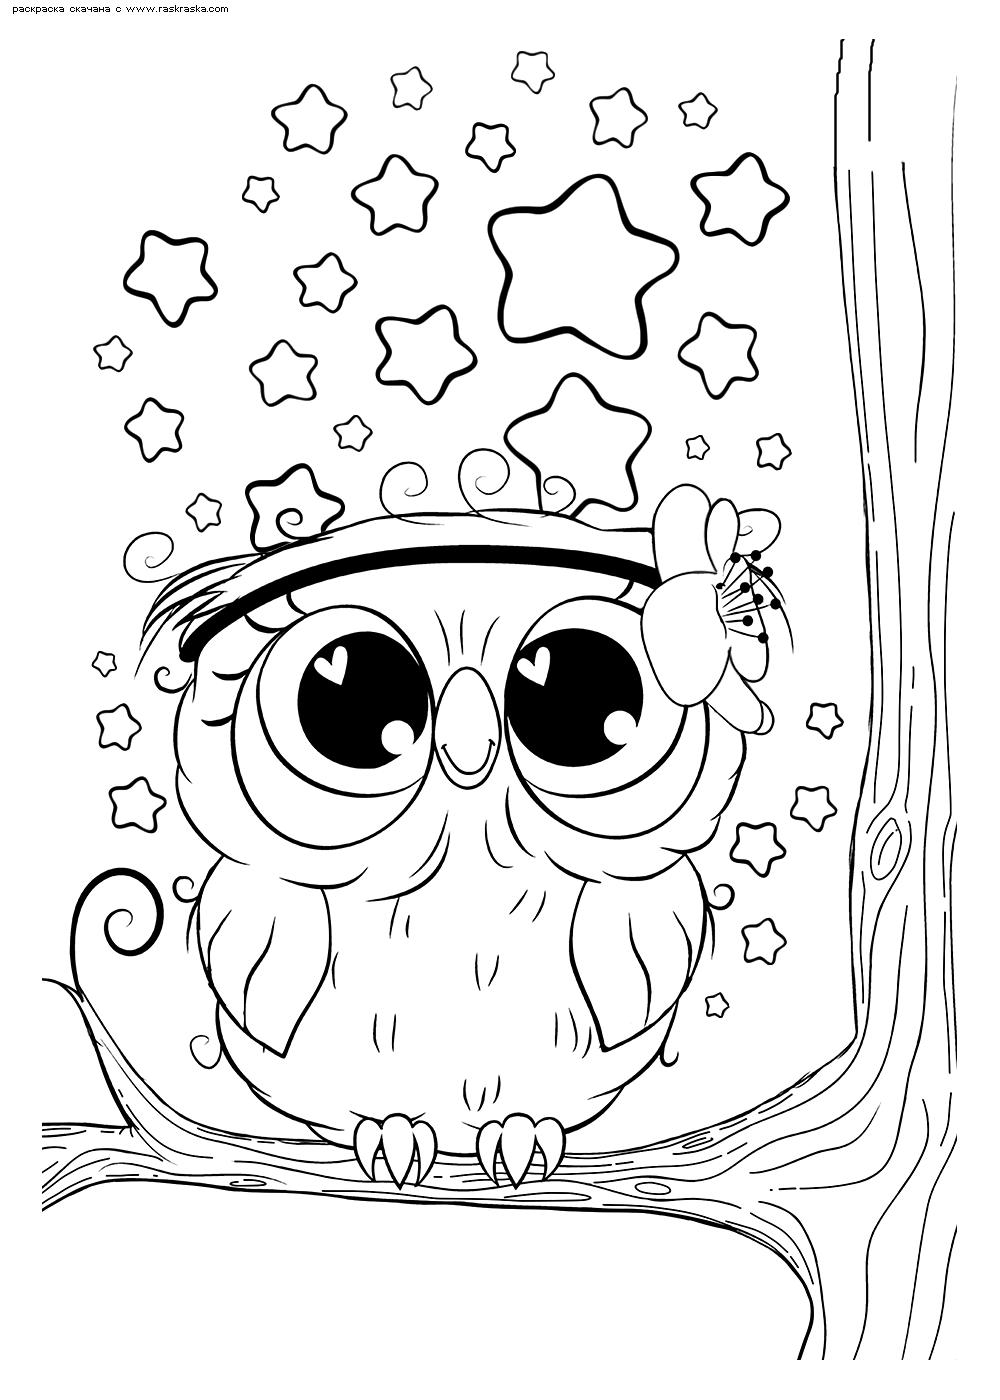 Раскраска Совенок на ветке | Раскраски няшных животных ...